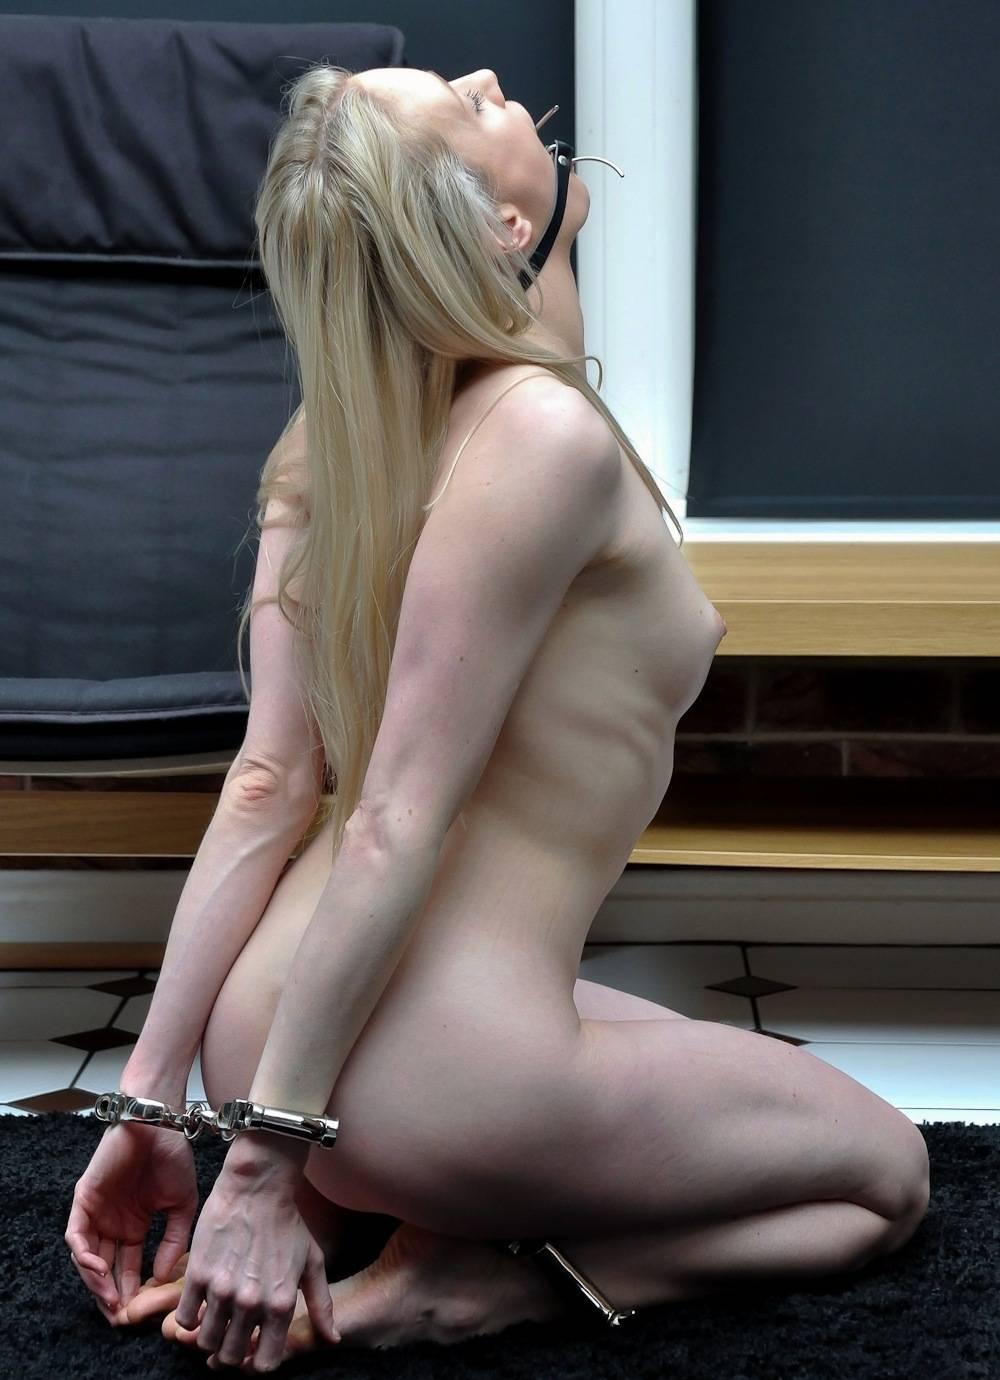 【マニア画像】これも一種の調教w裸のM女が正座で調教・放置される画像 18